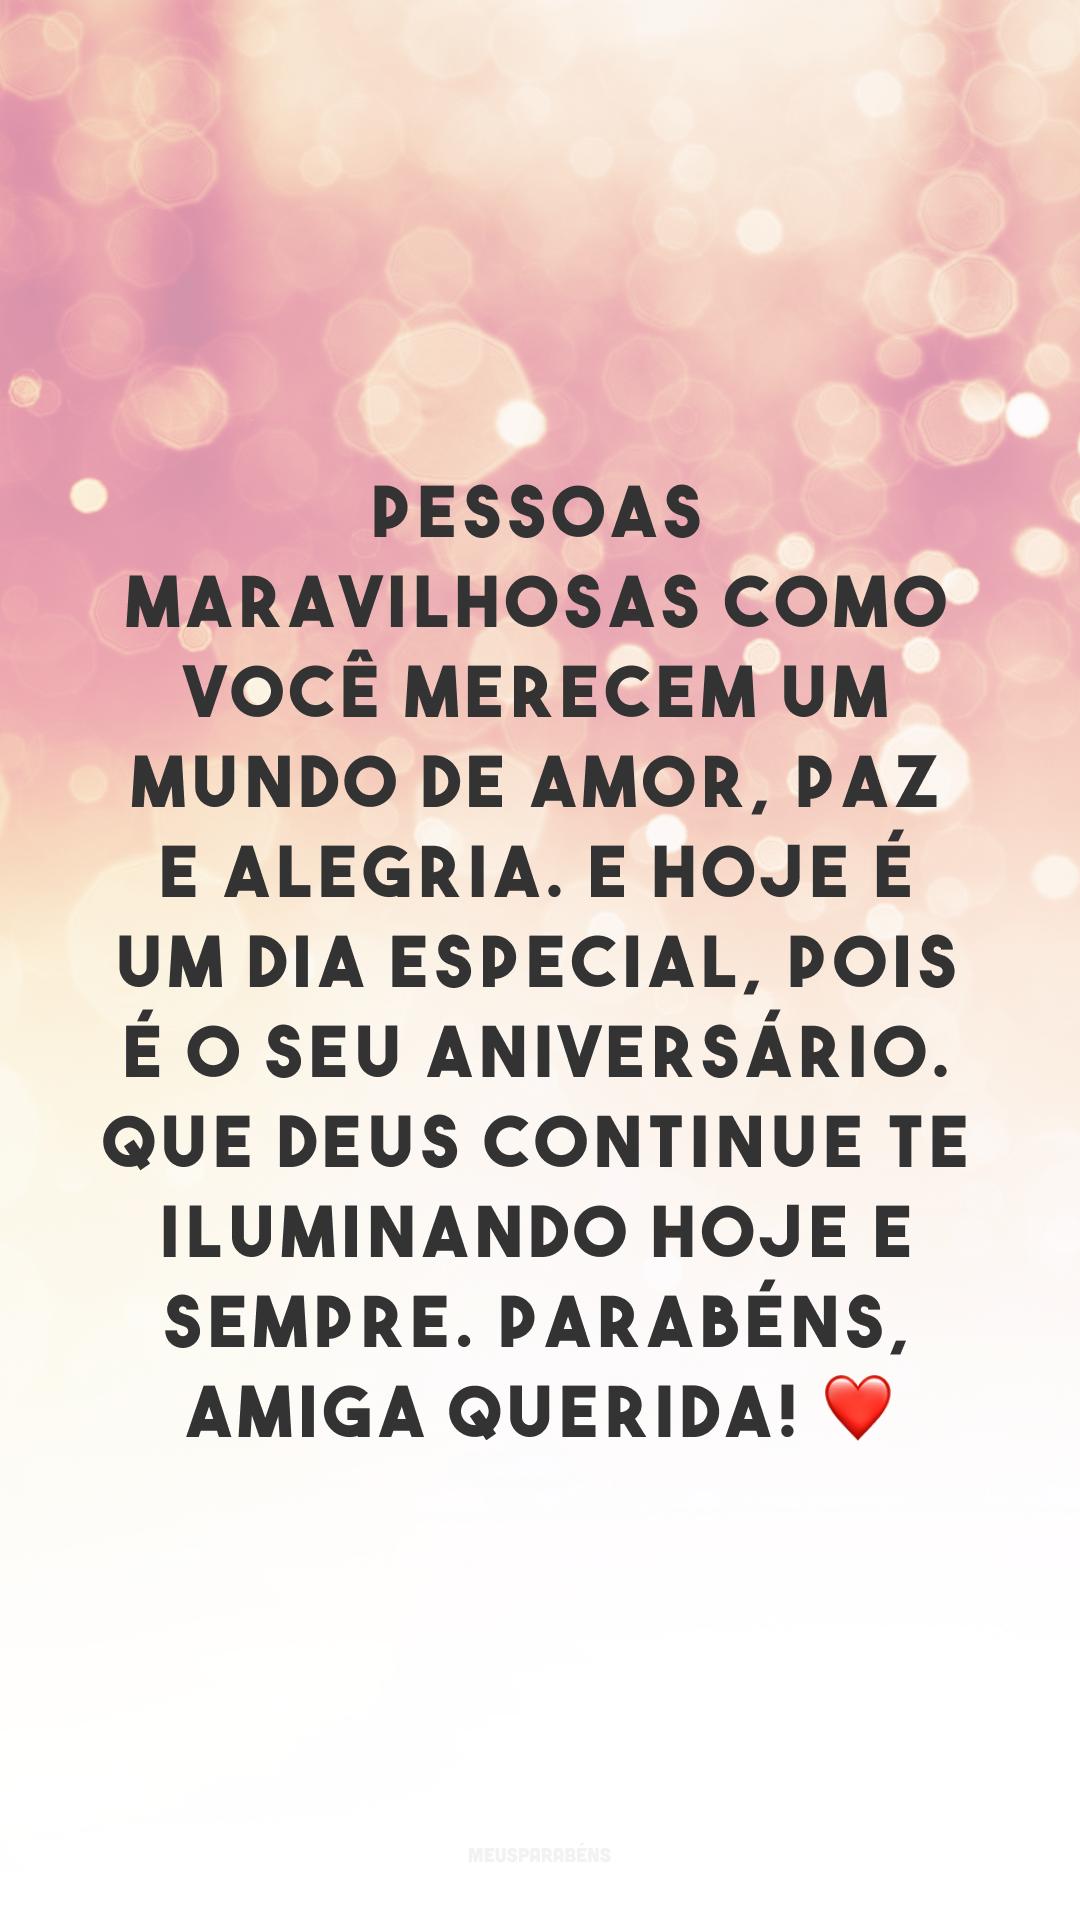 Pessoas maravilhosas como você merecem um mundo de amor, paz e alegria. E hoje é um dia especial, pois é o seu aniversário. Que Deus continue te iluminando hoje e sempre. Parabéns, amiga querida! ❤